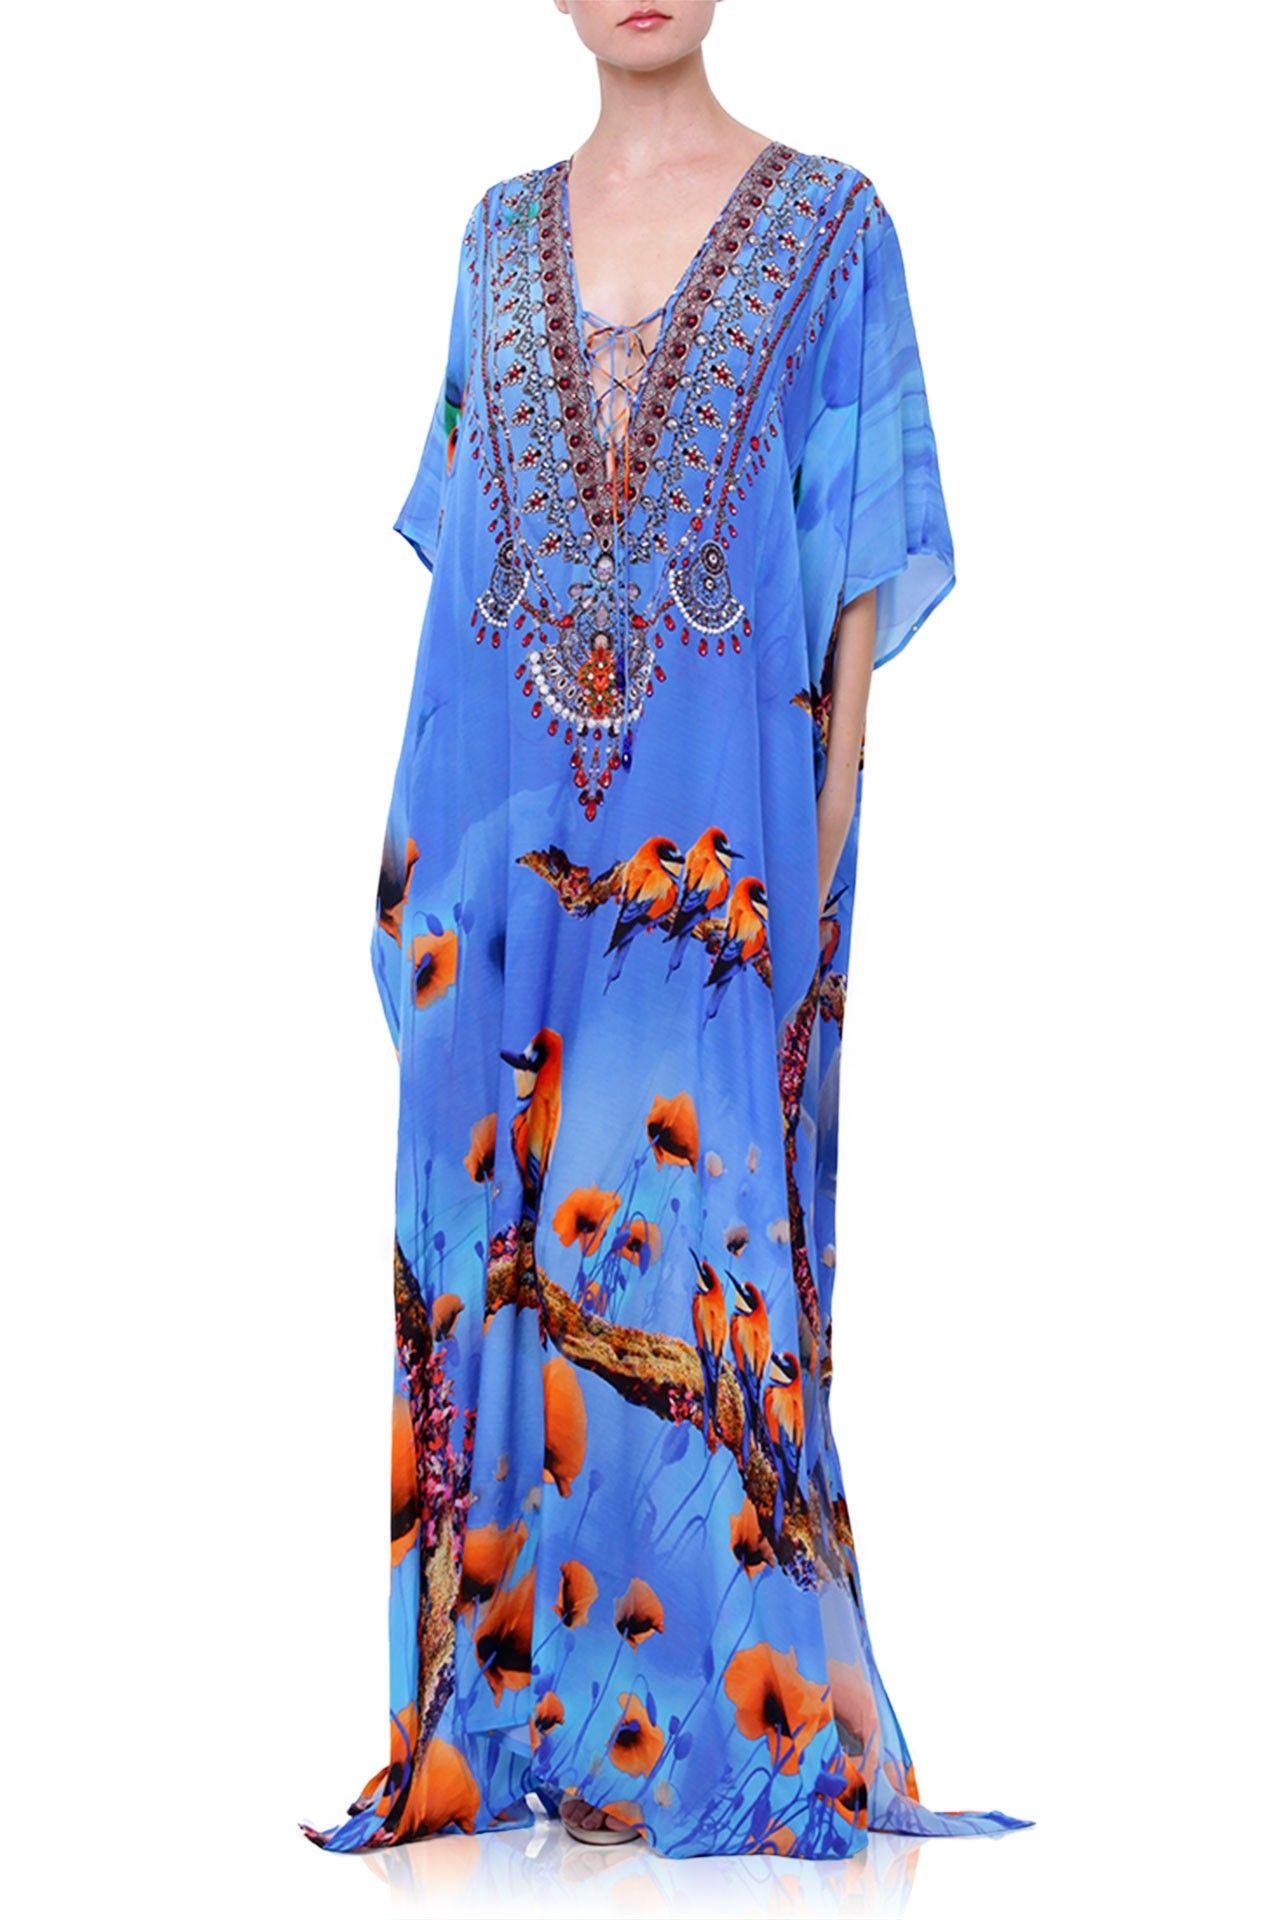 Blue Floral Bird Print Kaftan Dress Kaftan Dress Women Dress Collection Long Caftan Dress [ 1920 x 1280 Pixel ]